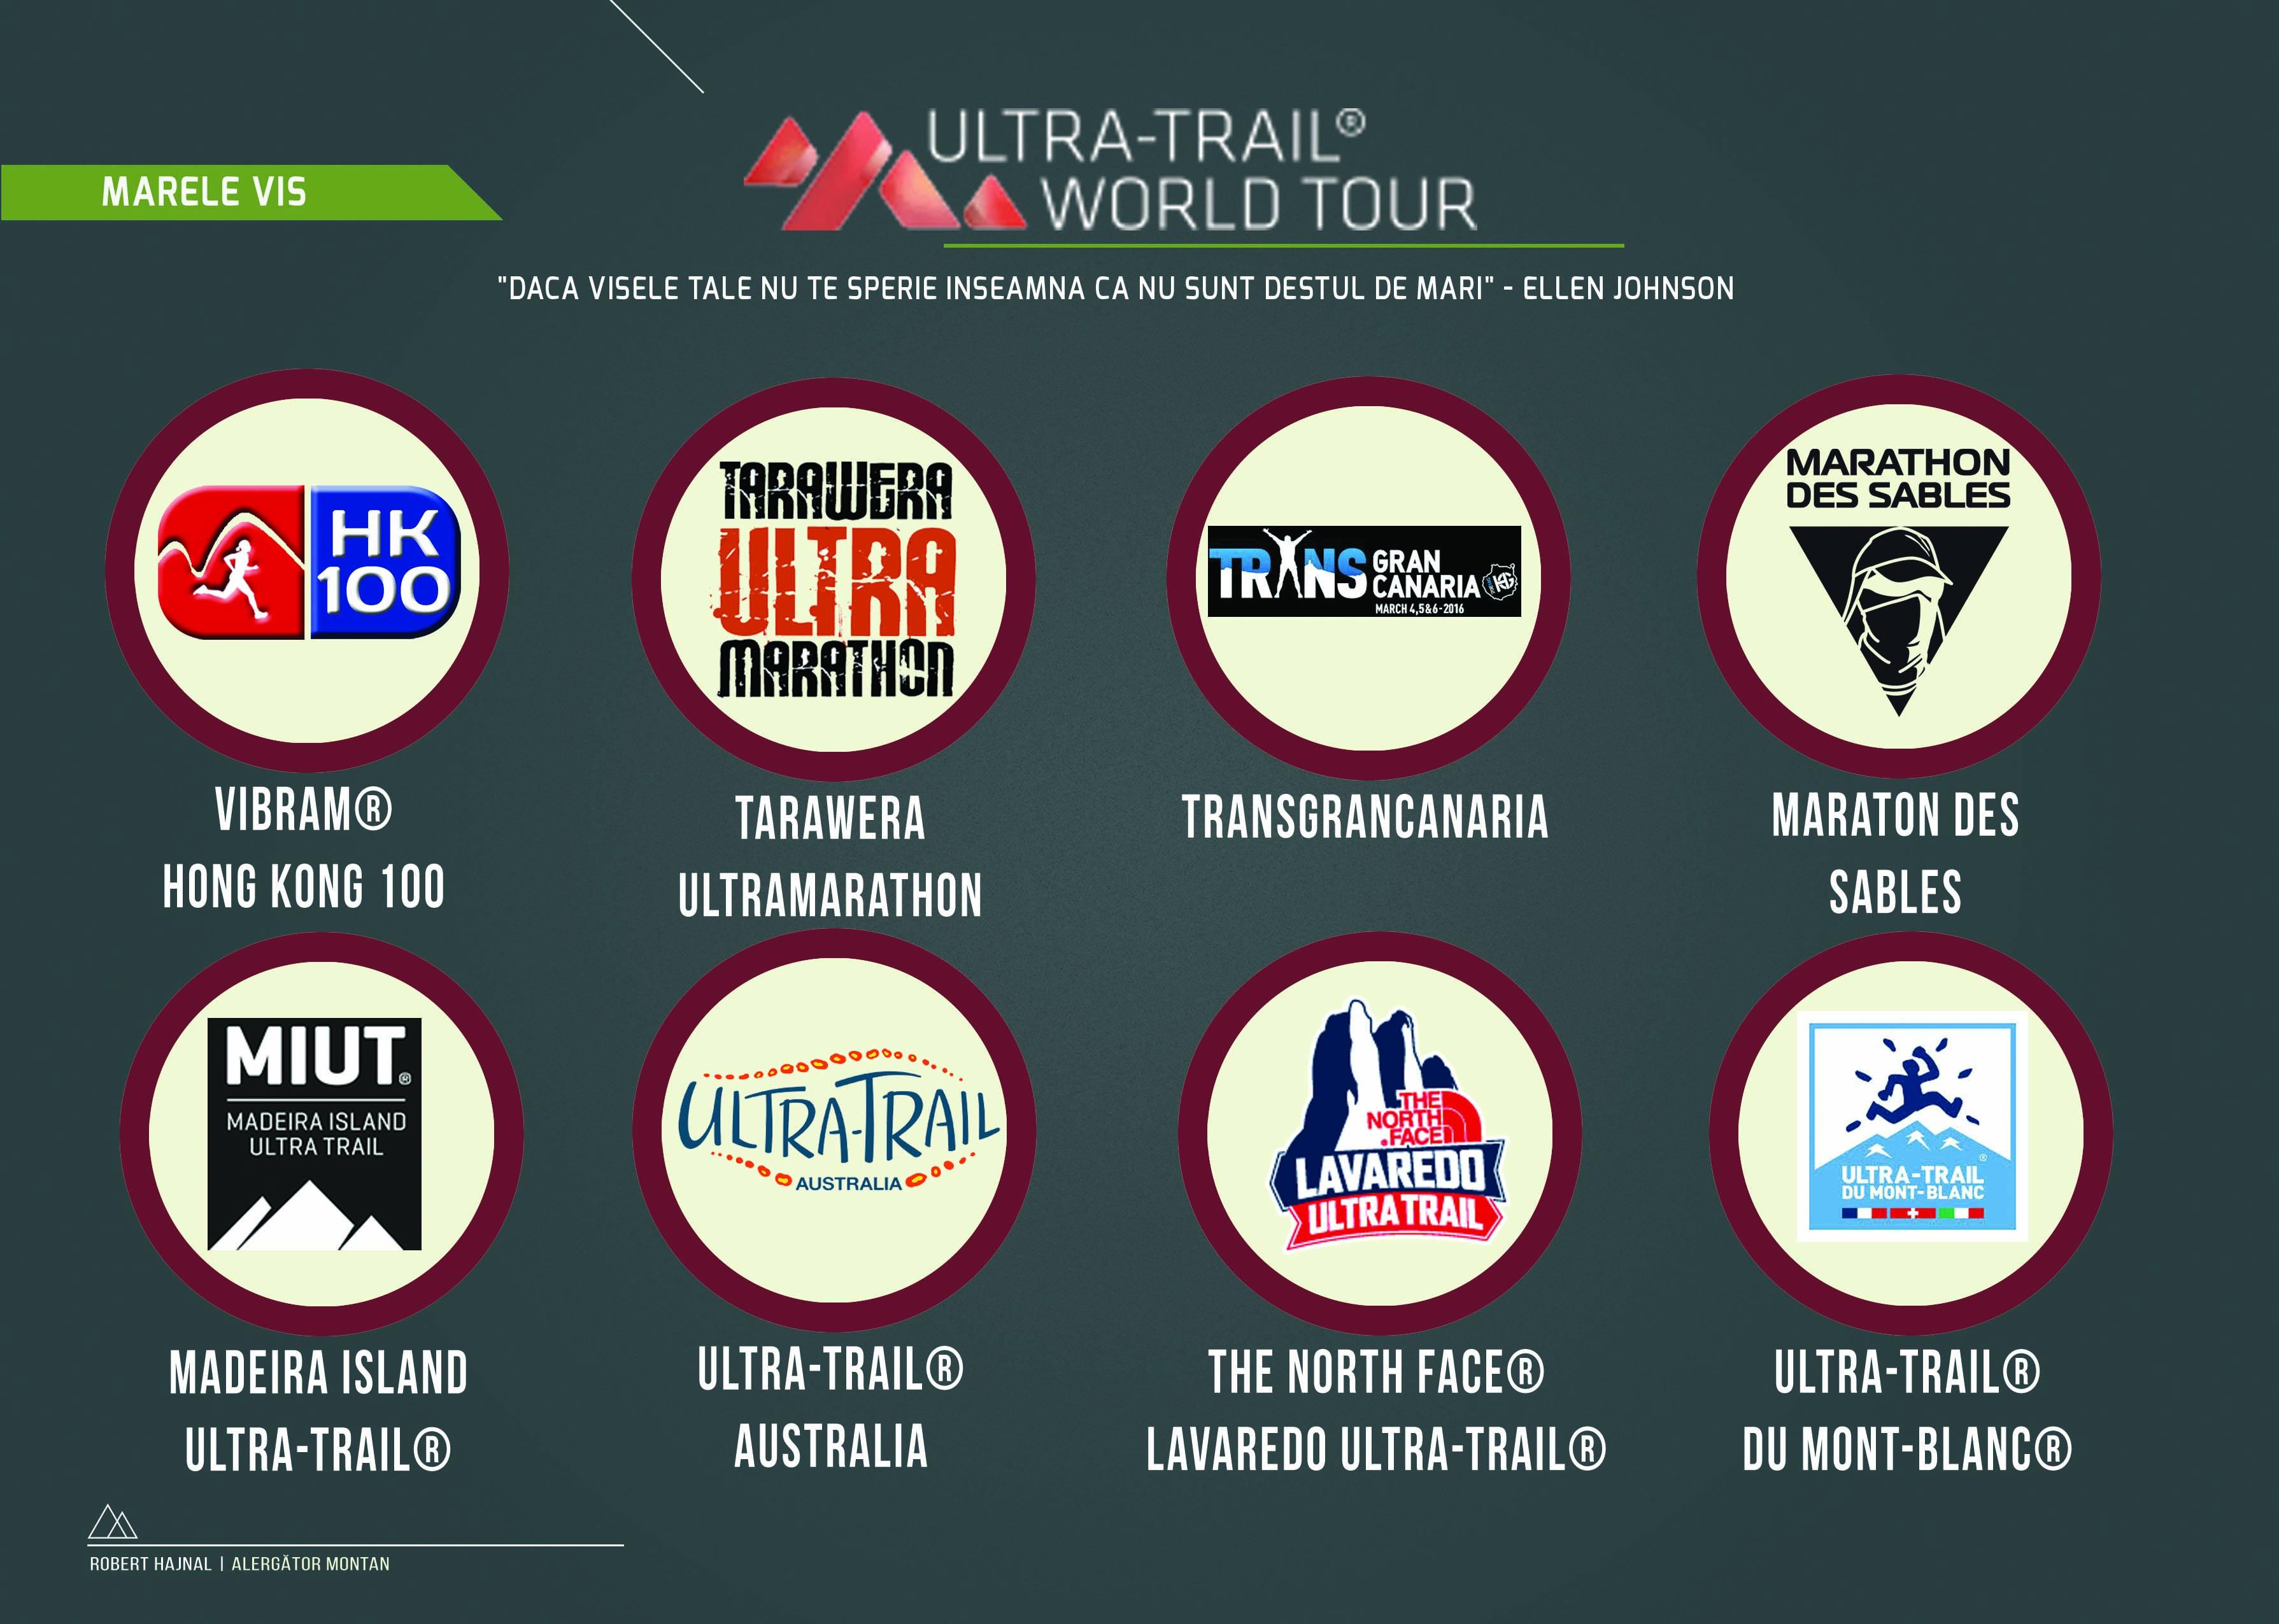 HajnalRobert_UltraTrailWorldTour